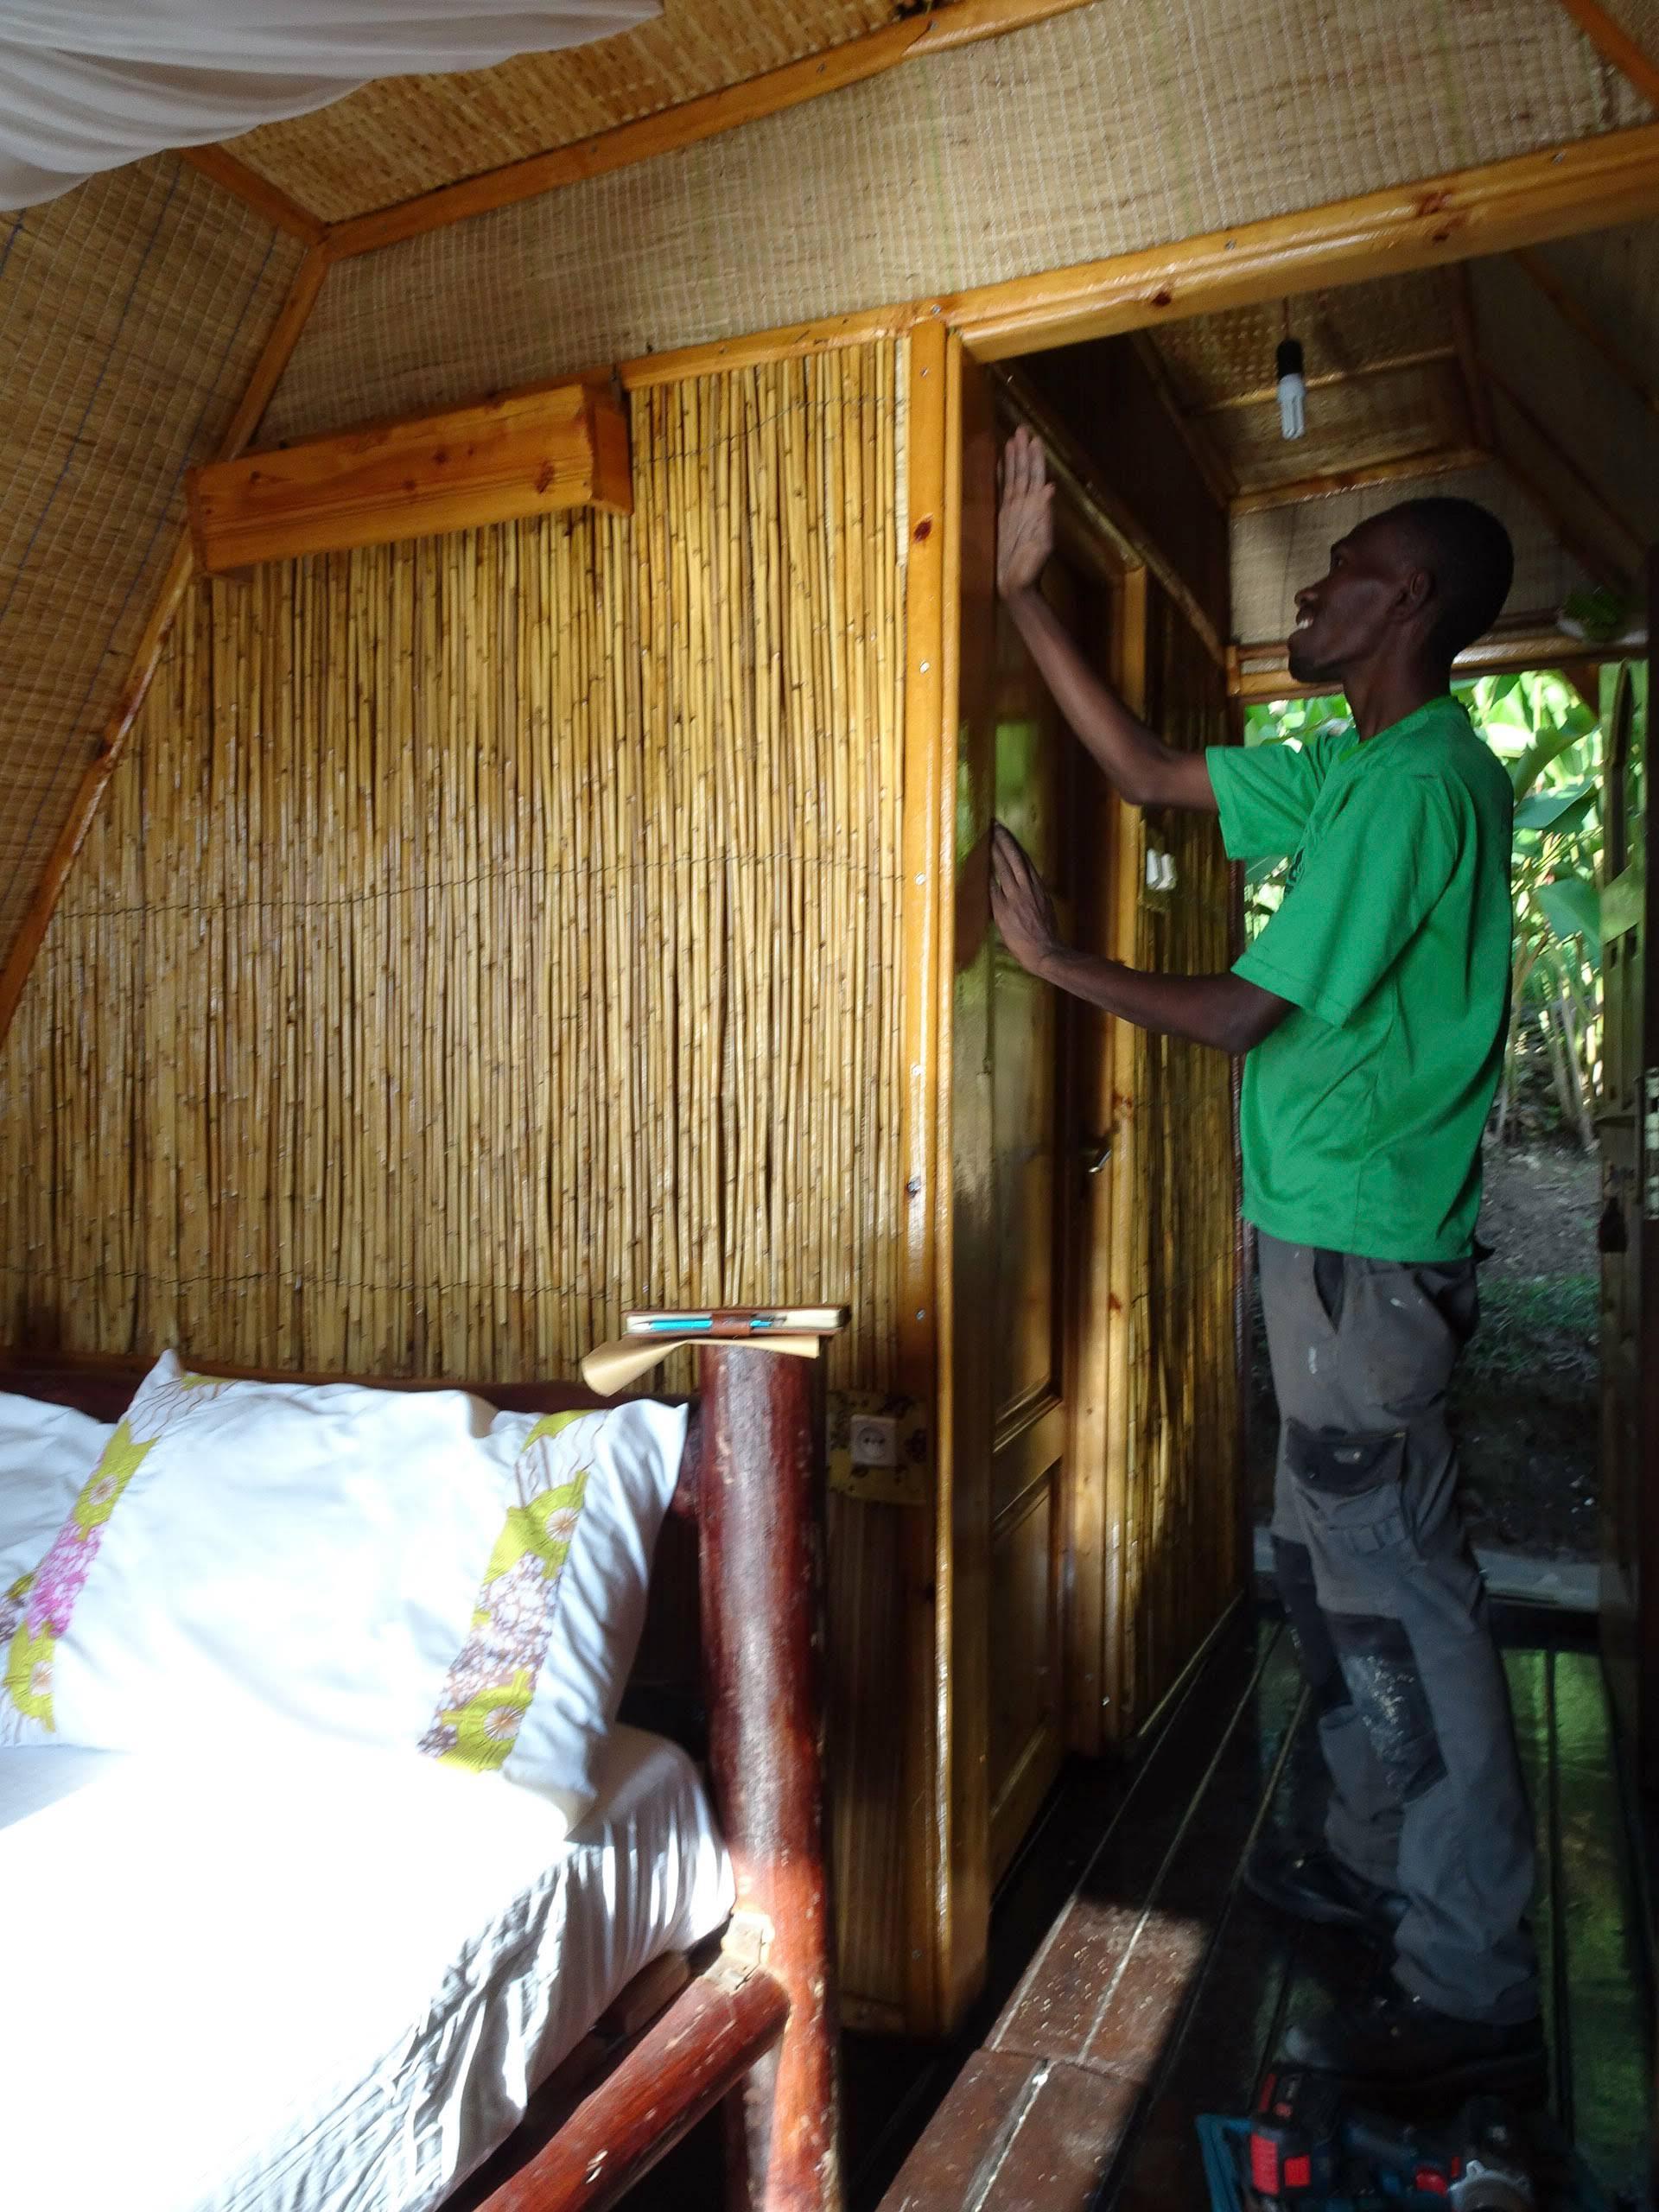 026_Rwanda-17825.jpg